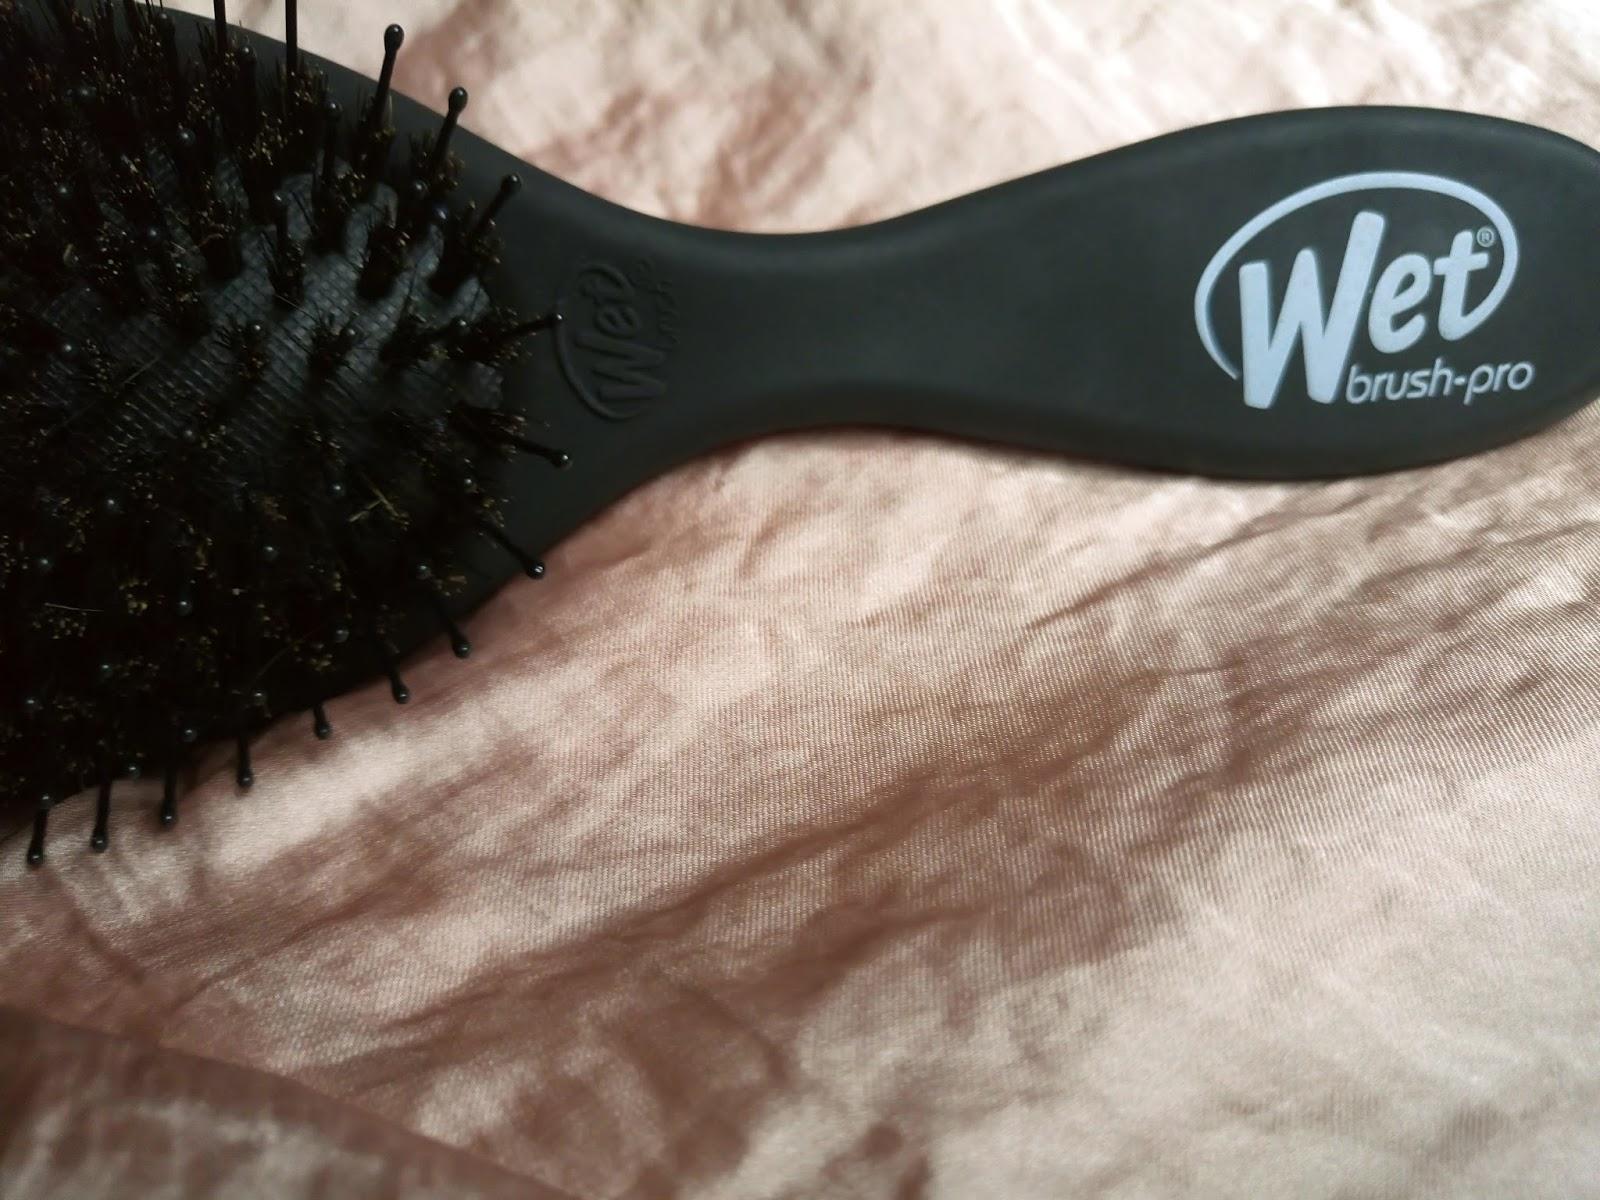 Wet Brush Shnie szczotka rozplątująca włosy, nadająca połysk włosom